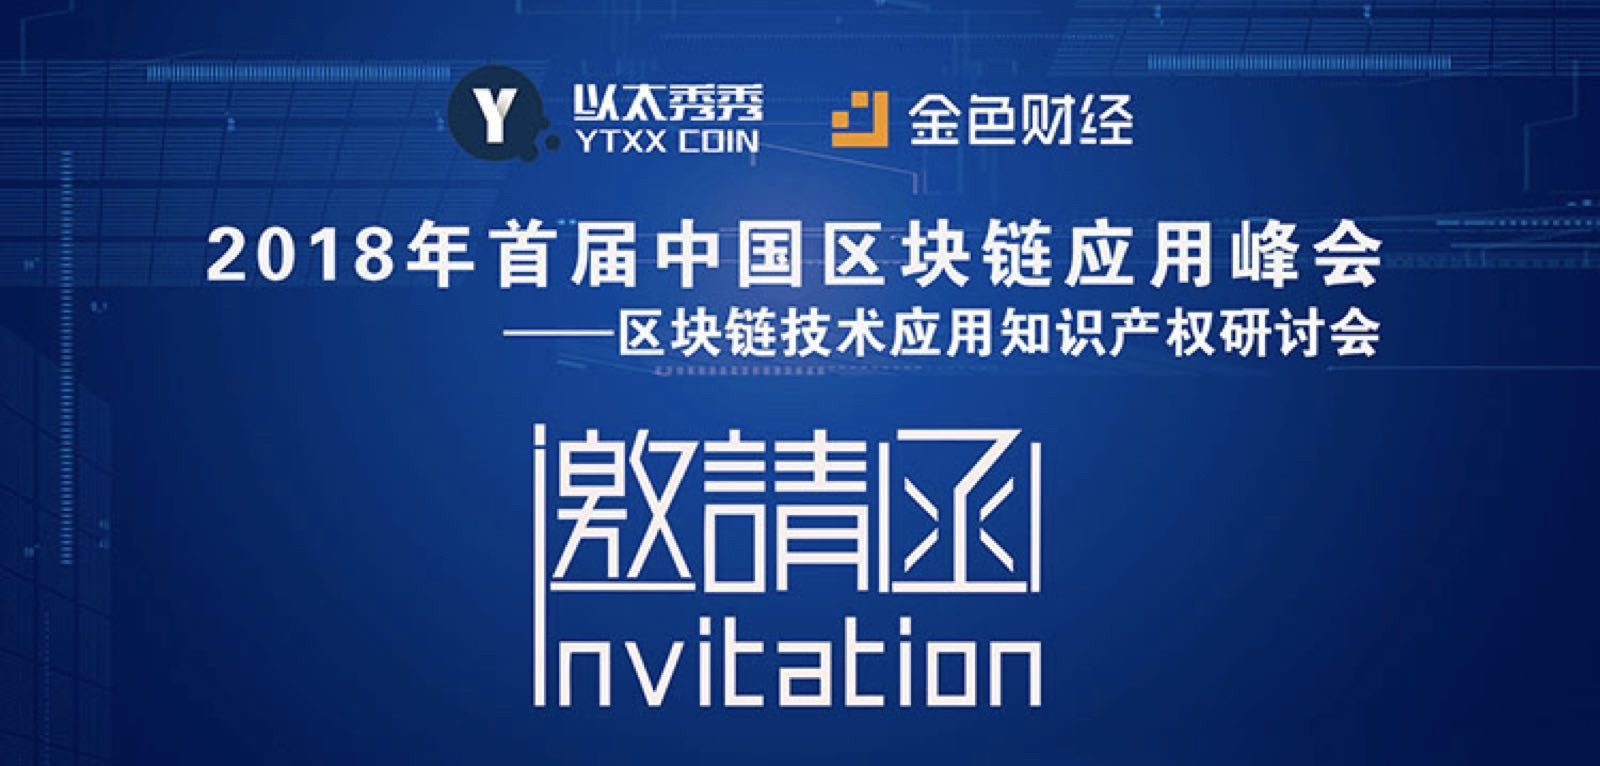 2018年首届中国区块链技术应用知识产权研讨会